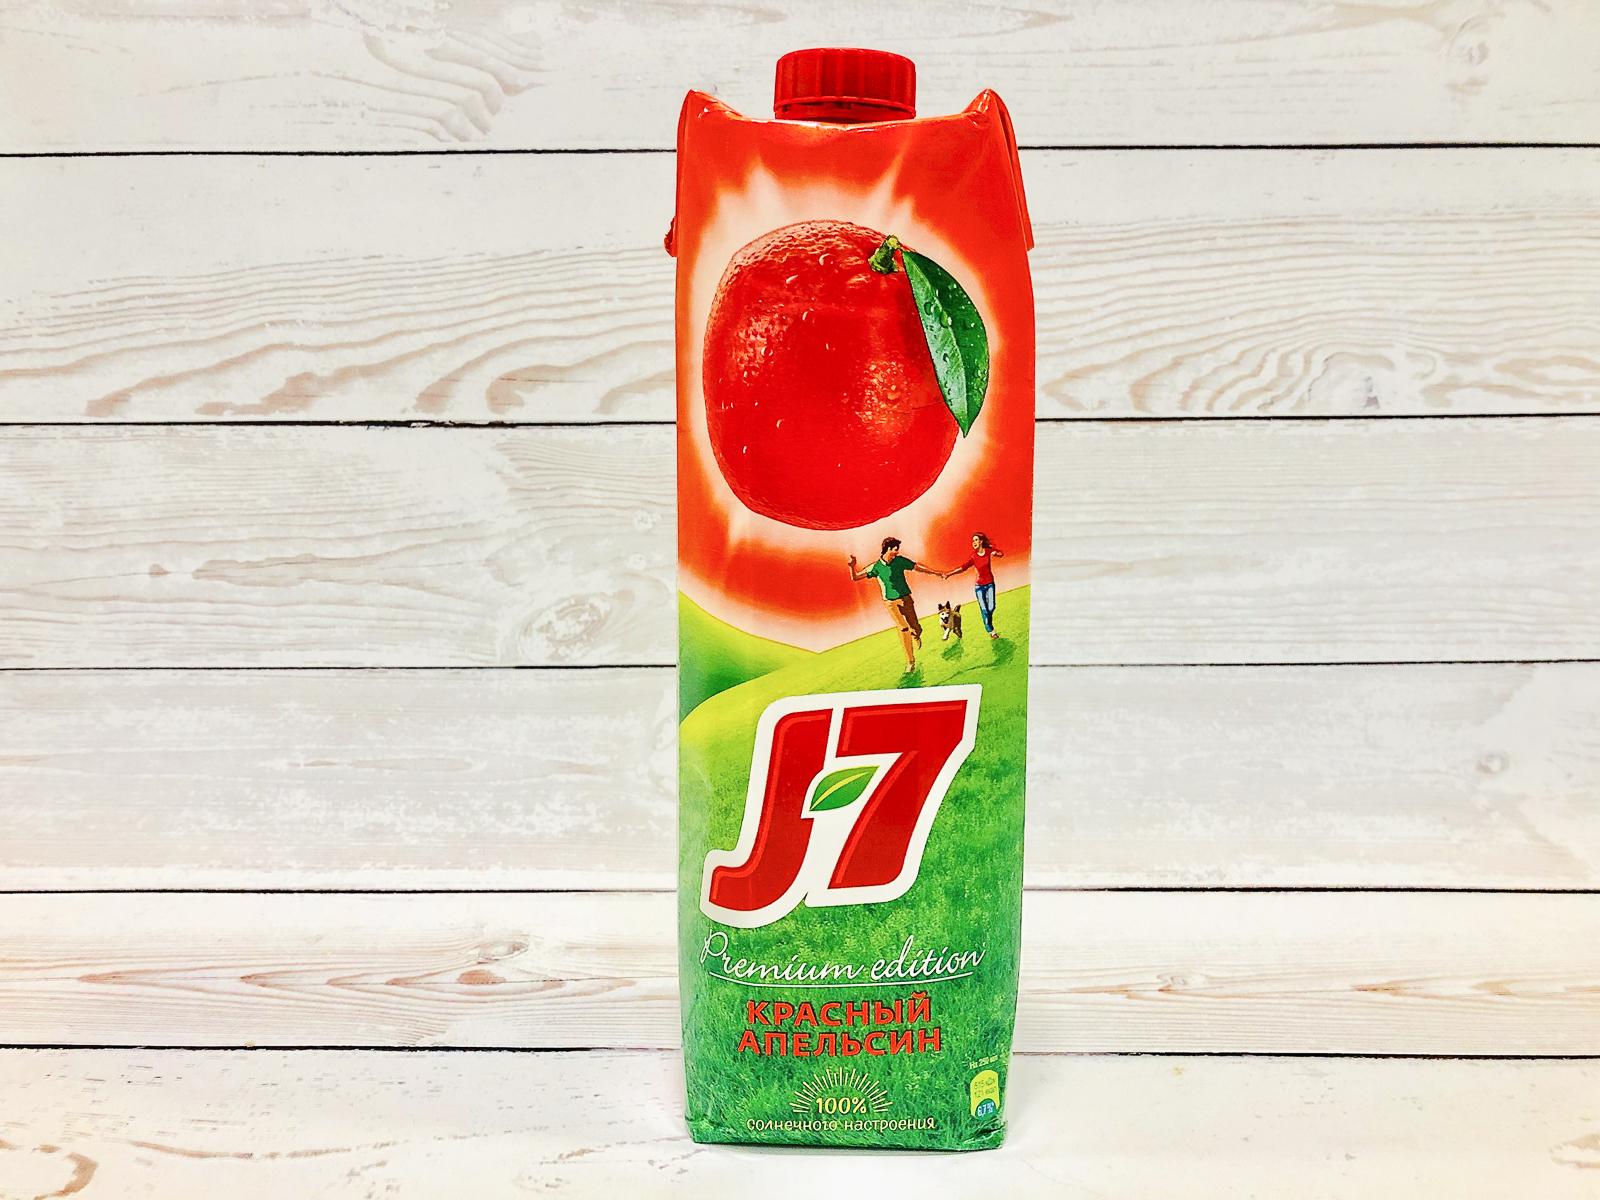 Сок J7 из красного апельсина